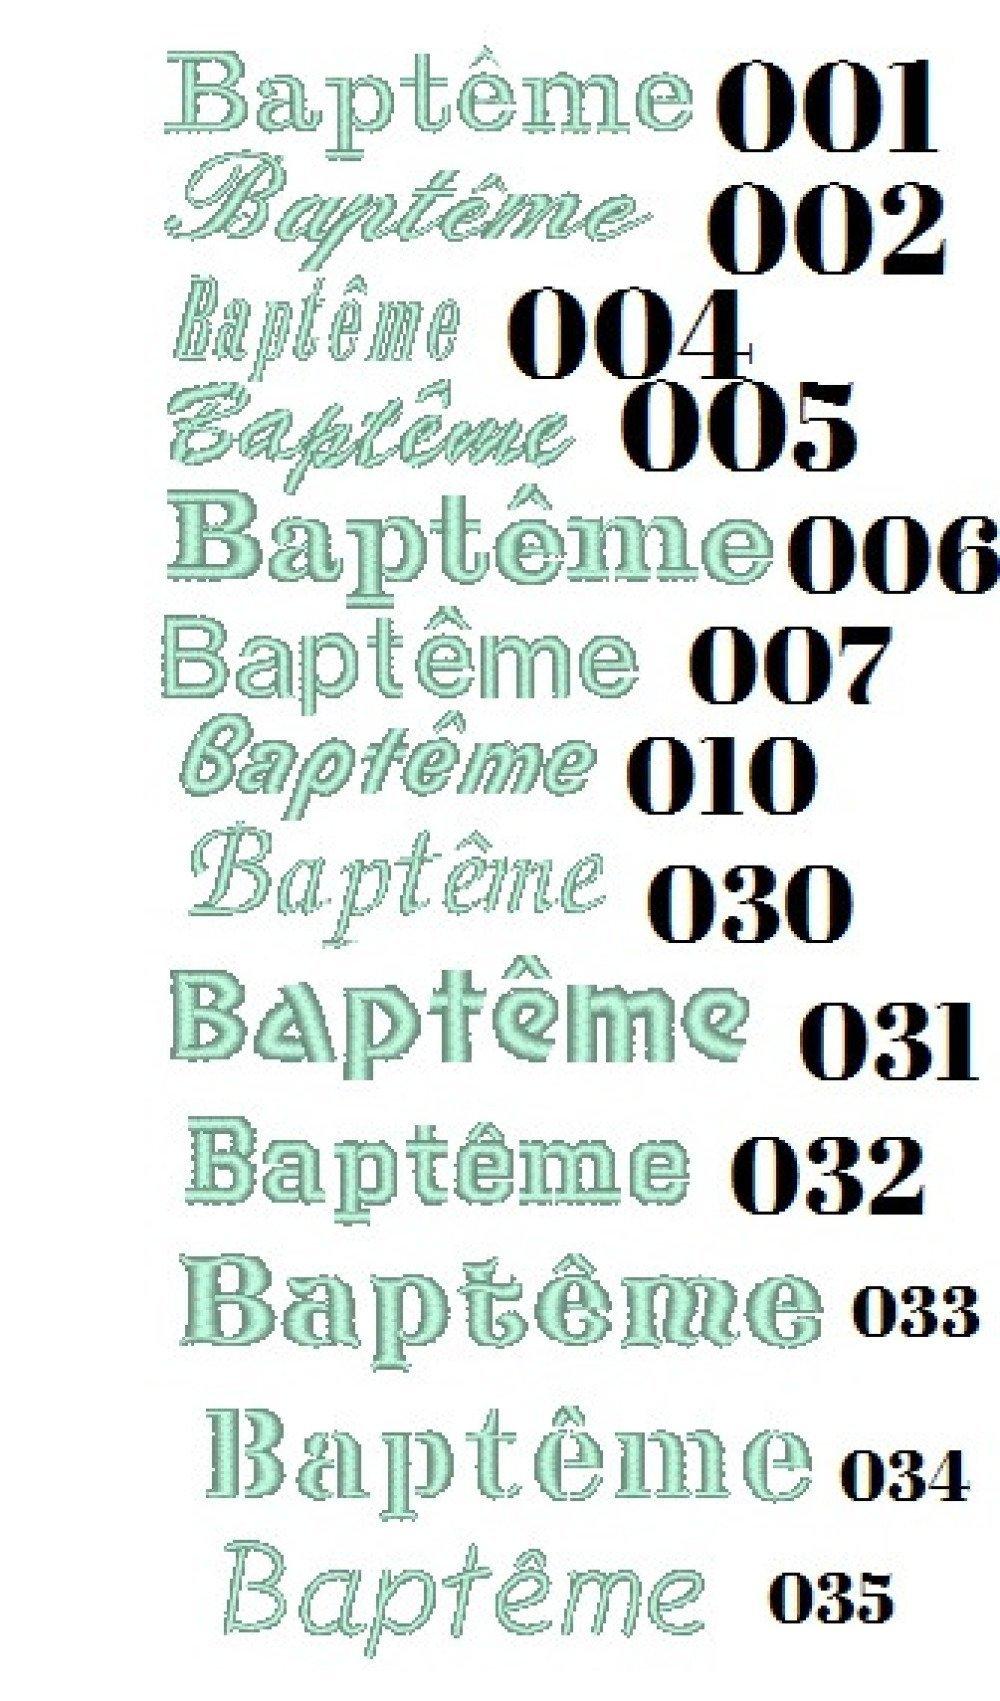 Echarpe de baptême personnalisée frais de port gratuits